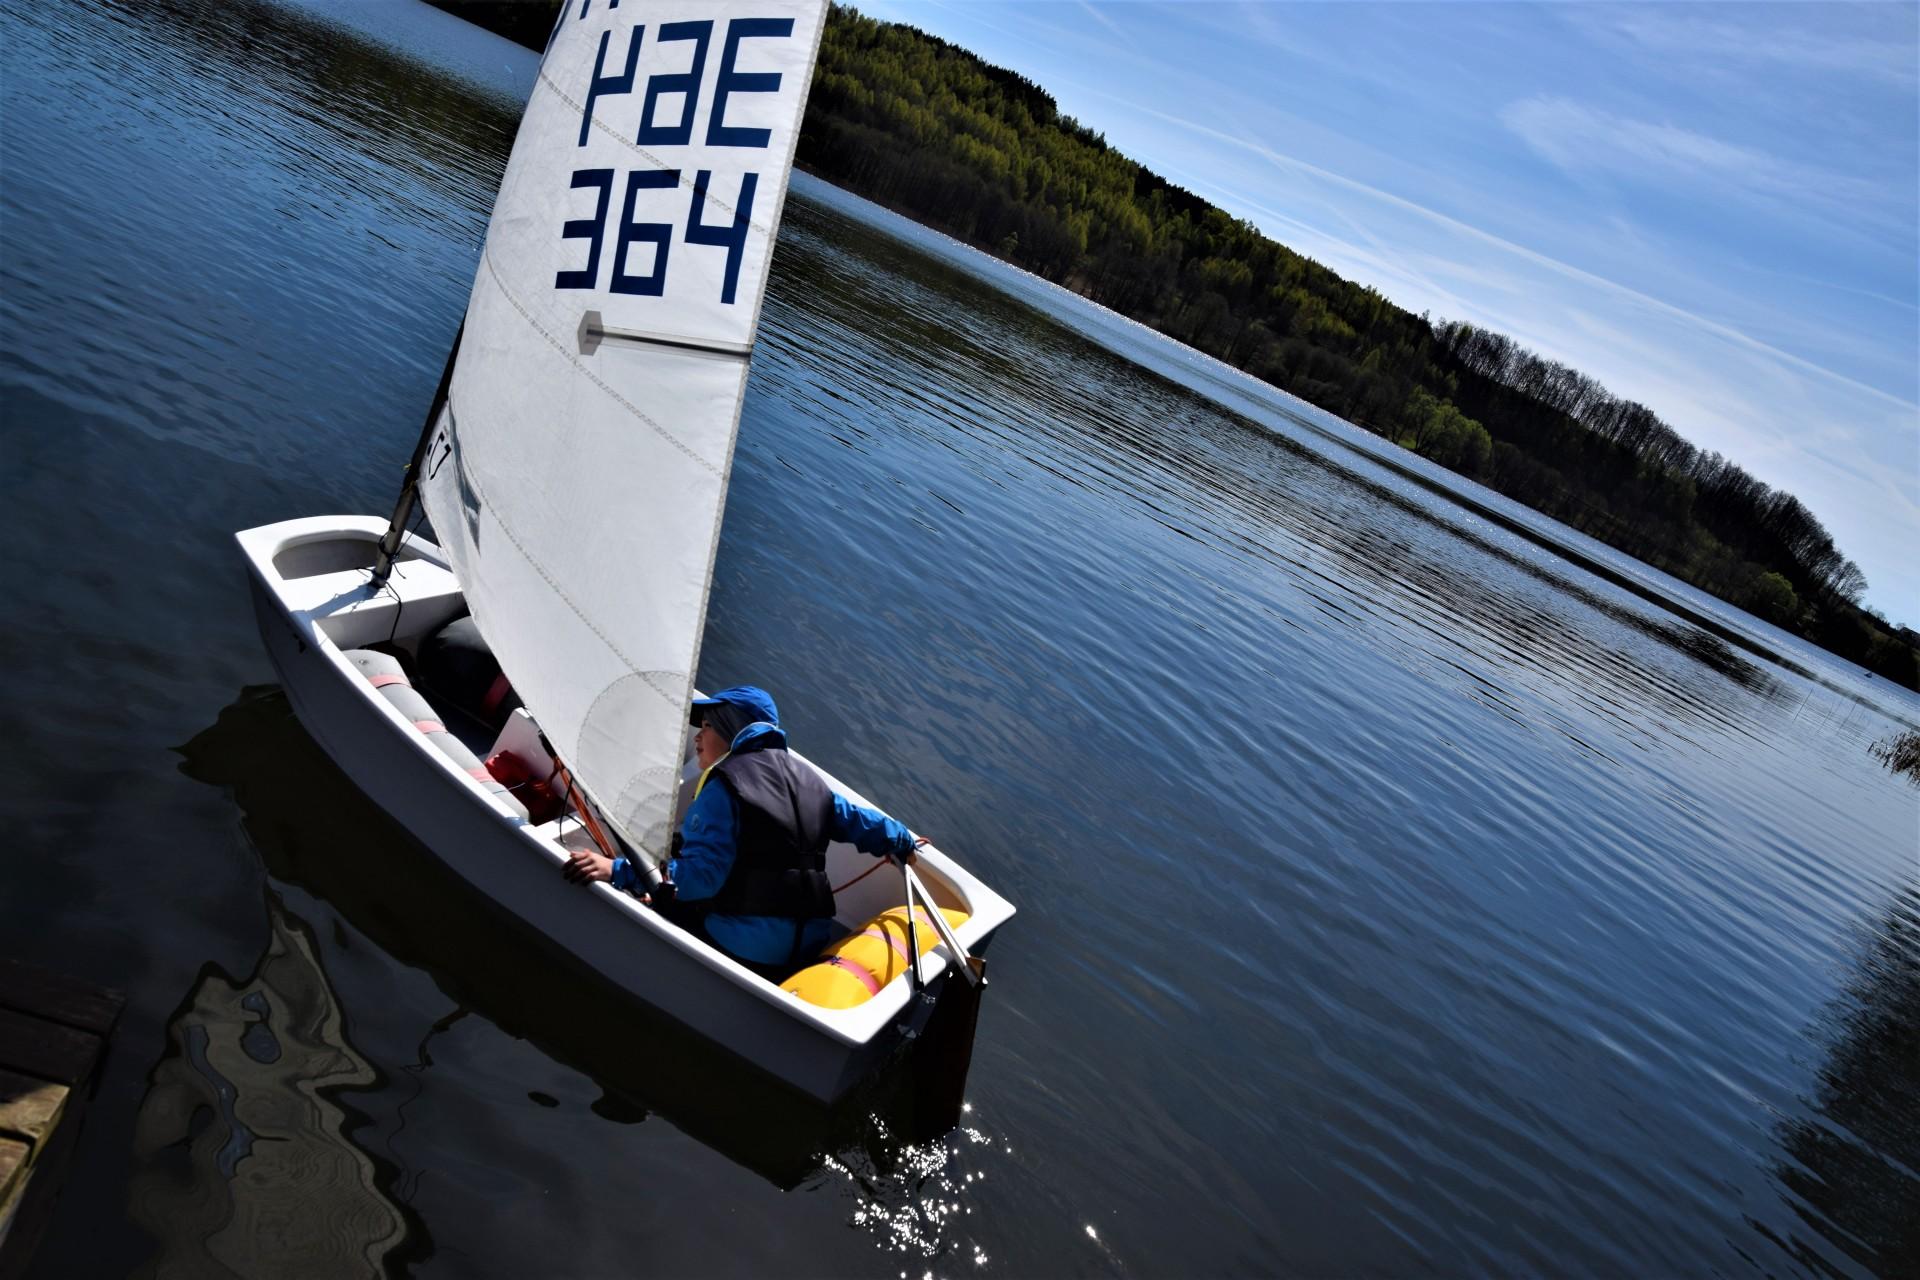 Żagle na Kaszubach. Dzieciaki na łódkach [FOTOREPORTAŻ] 5